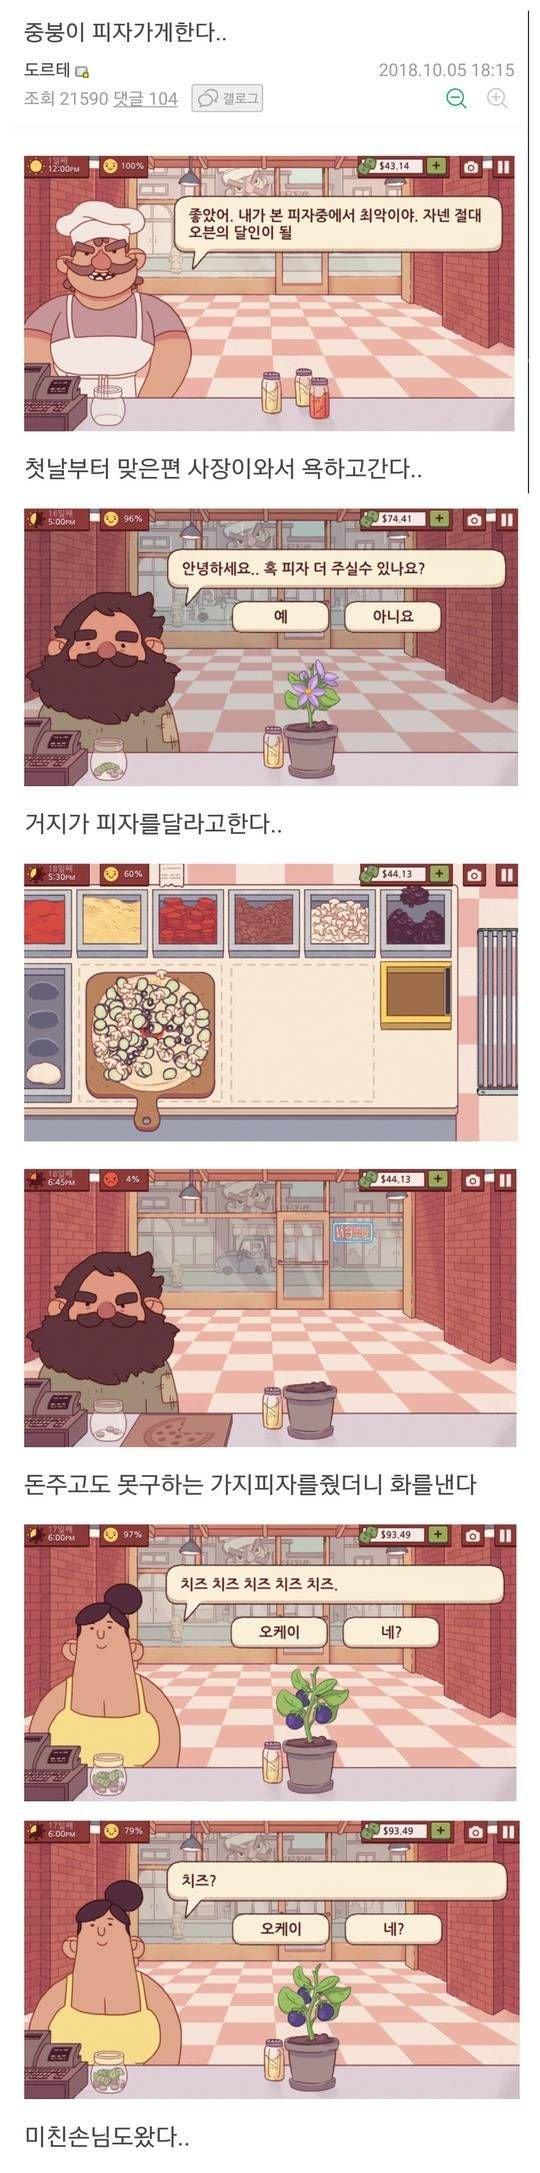 게임 속 피자가게를 오픈한 디씨인 1.jpg